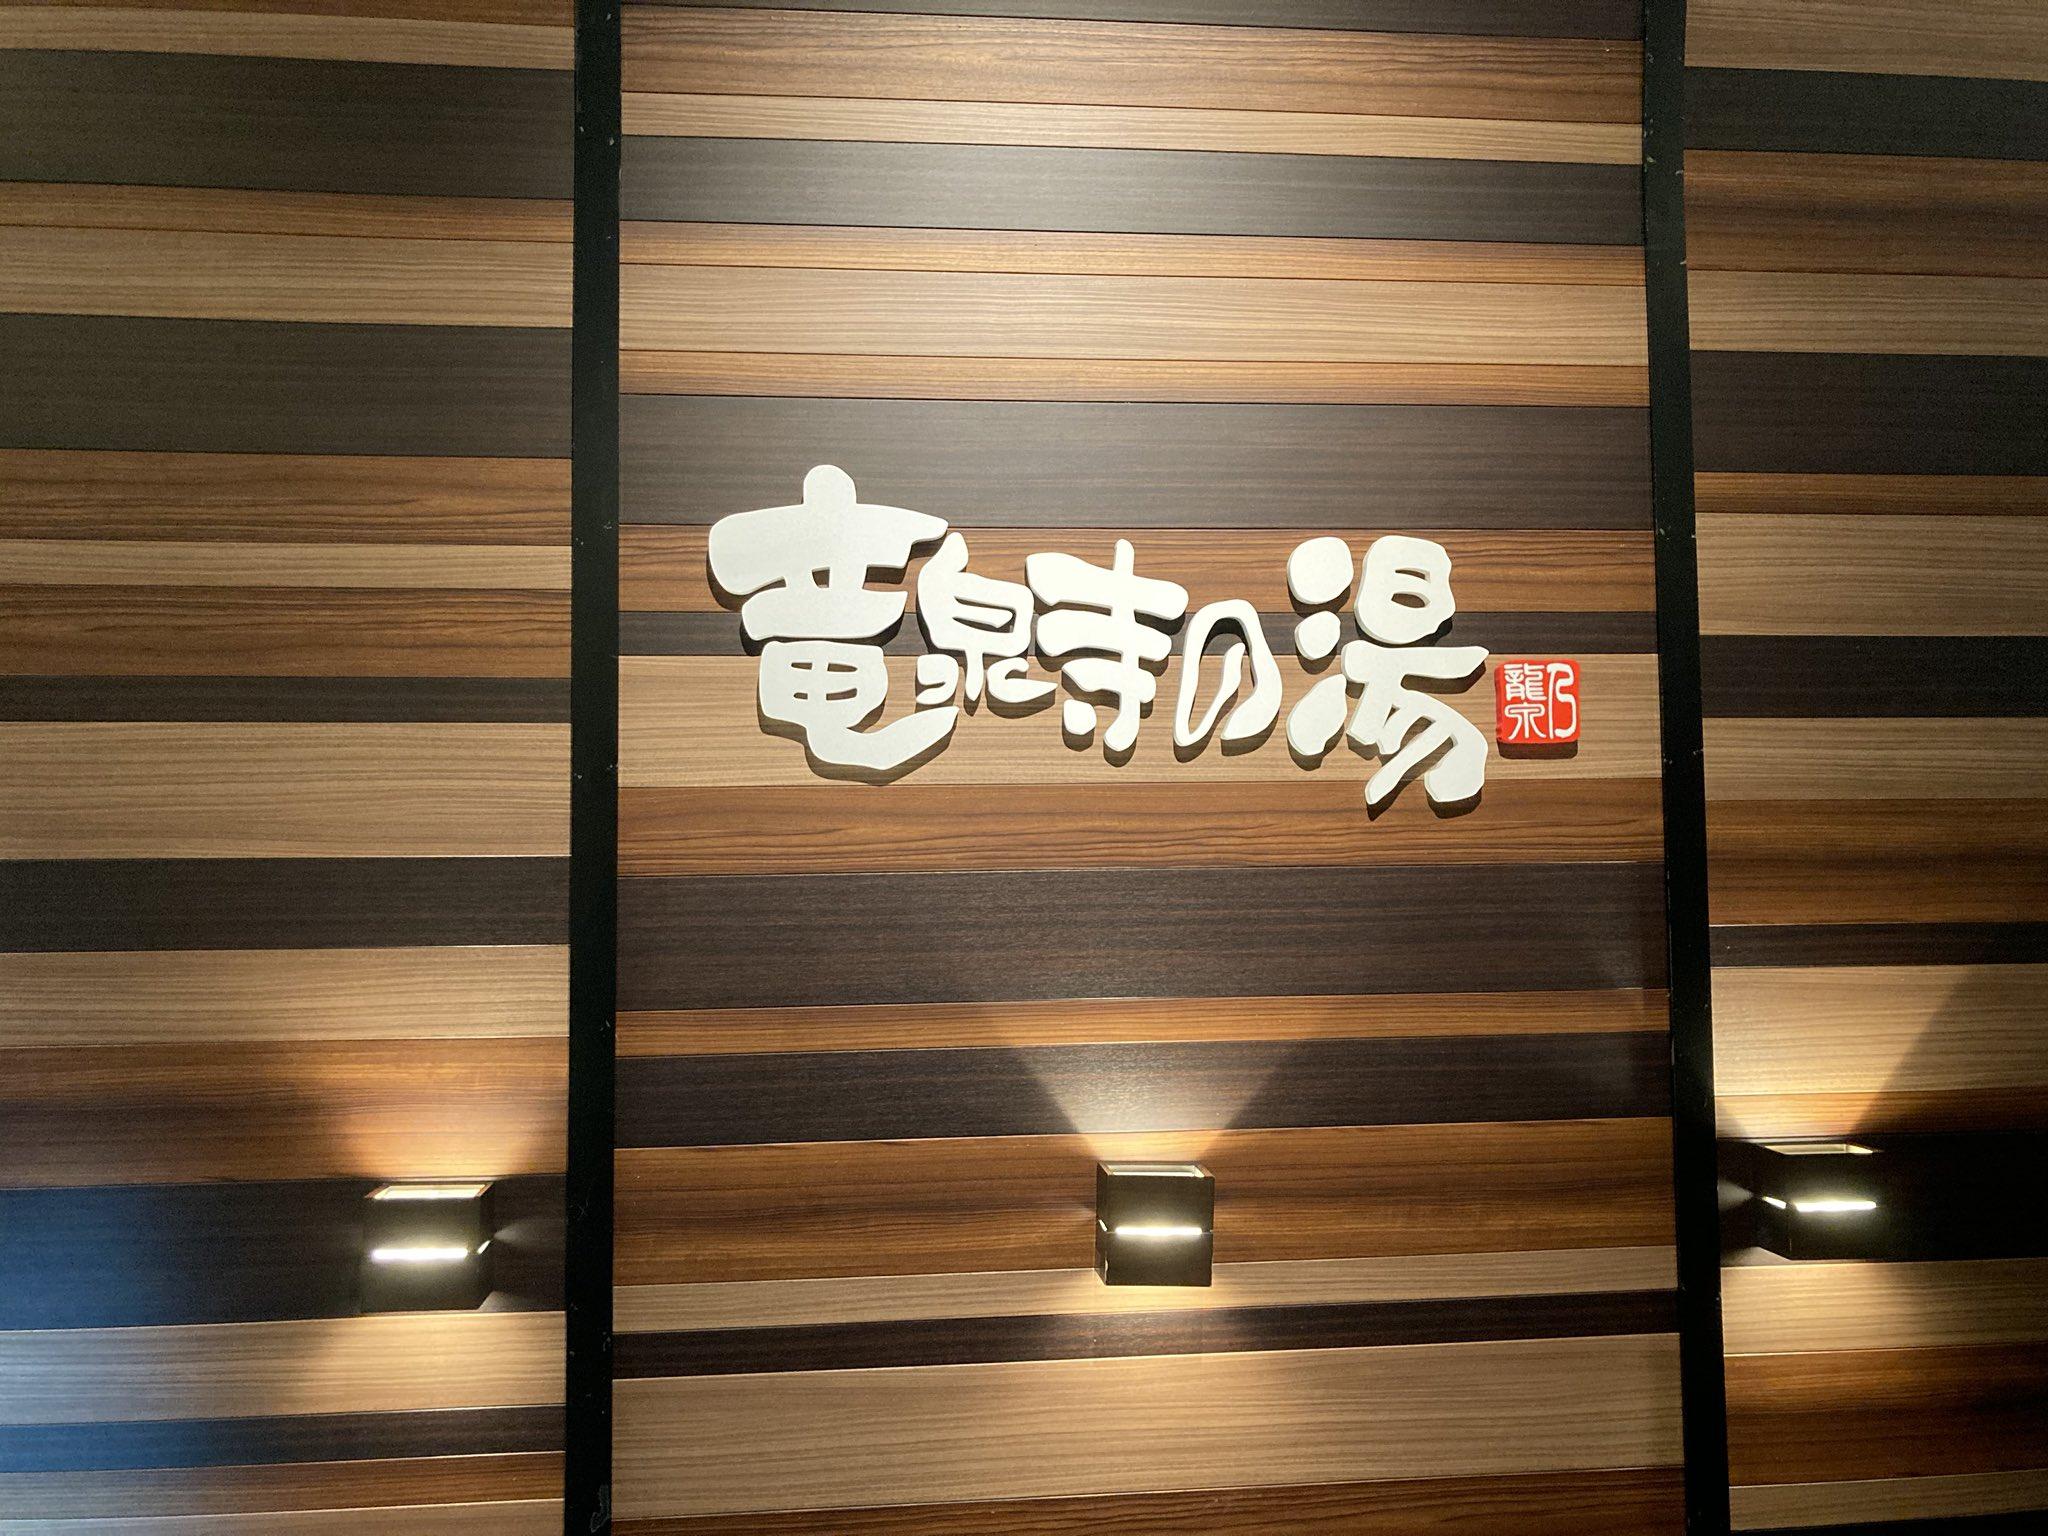 ryuusenji hachioji05 - 中目黒スターバックス リザーブ ロースタリー東京からの職場の葬式参列